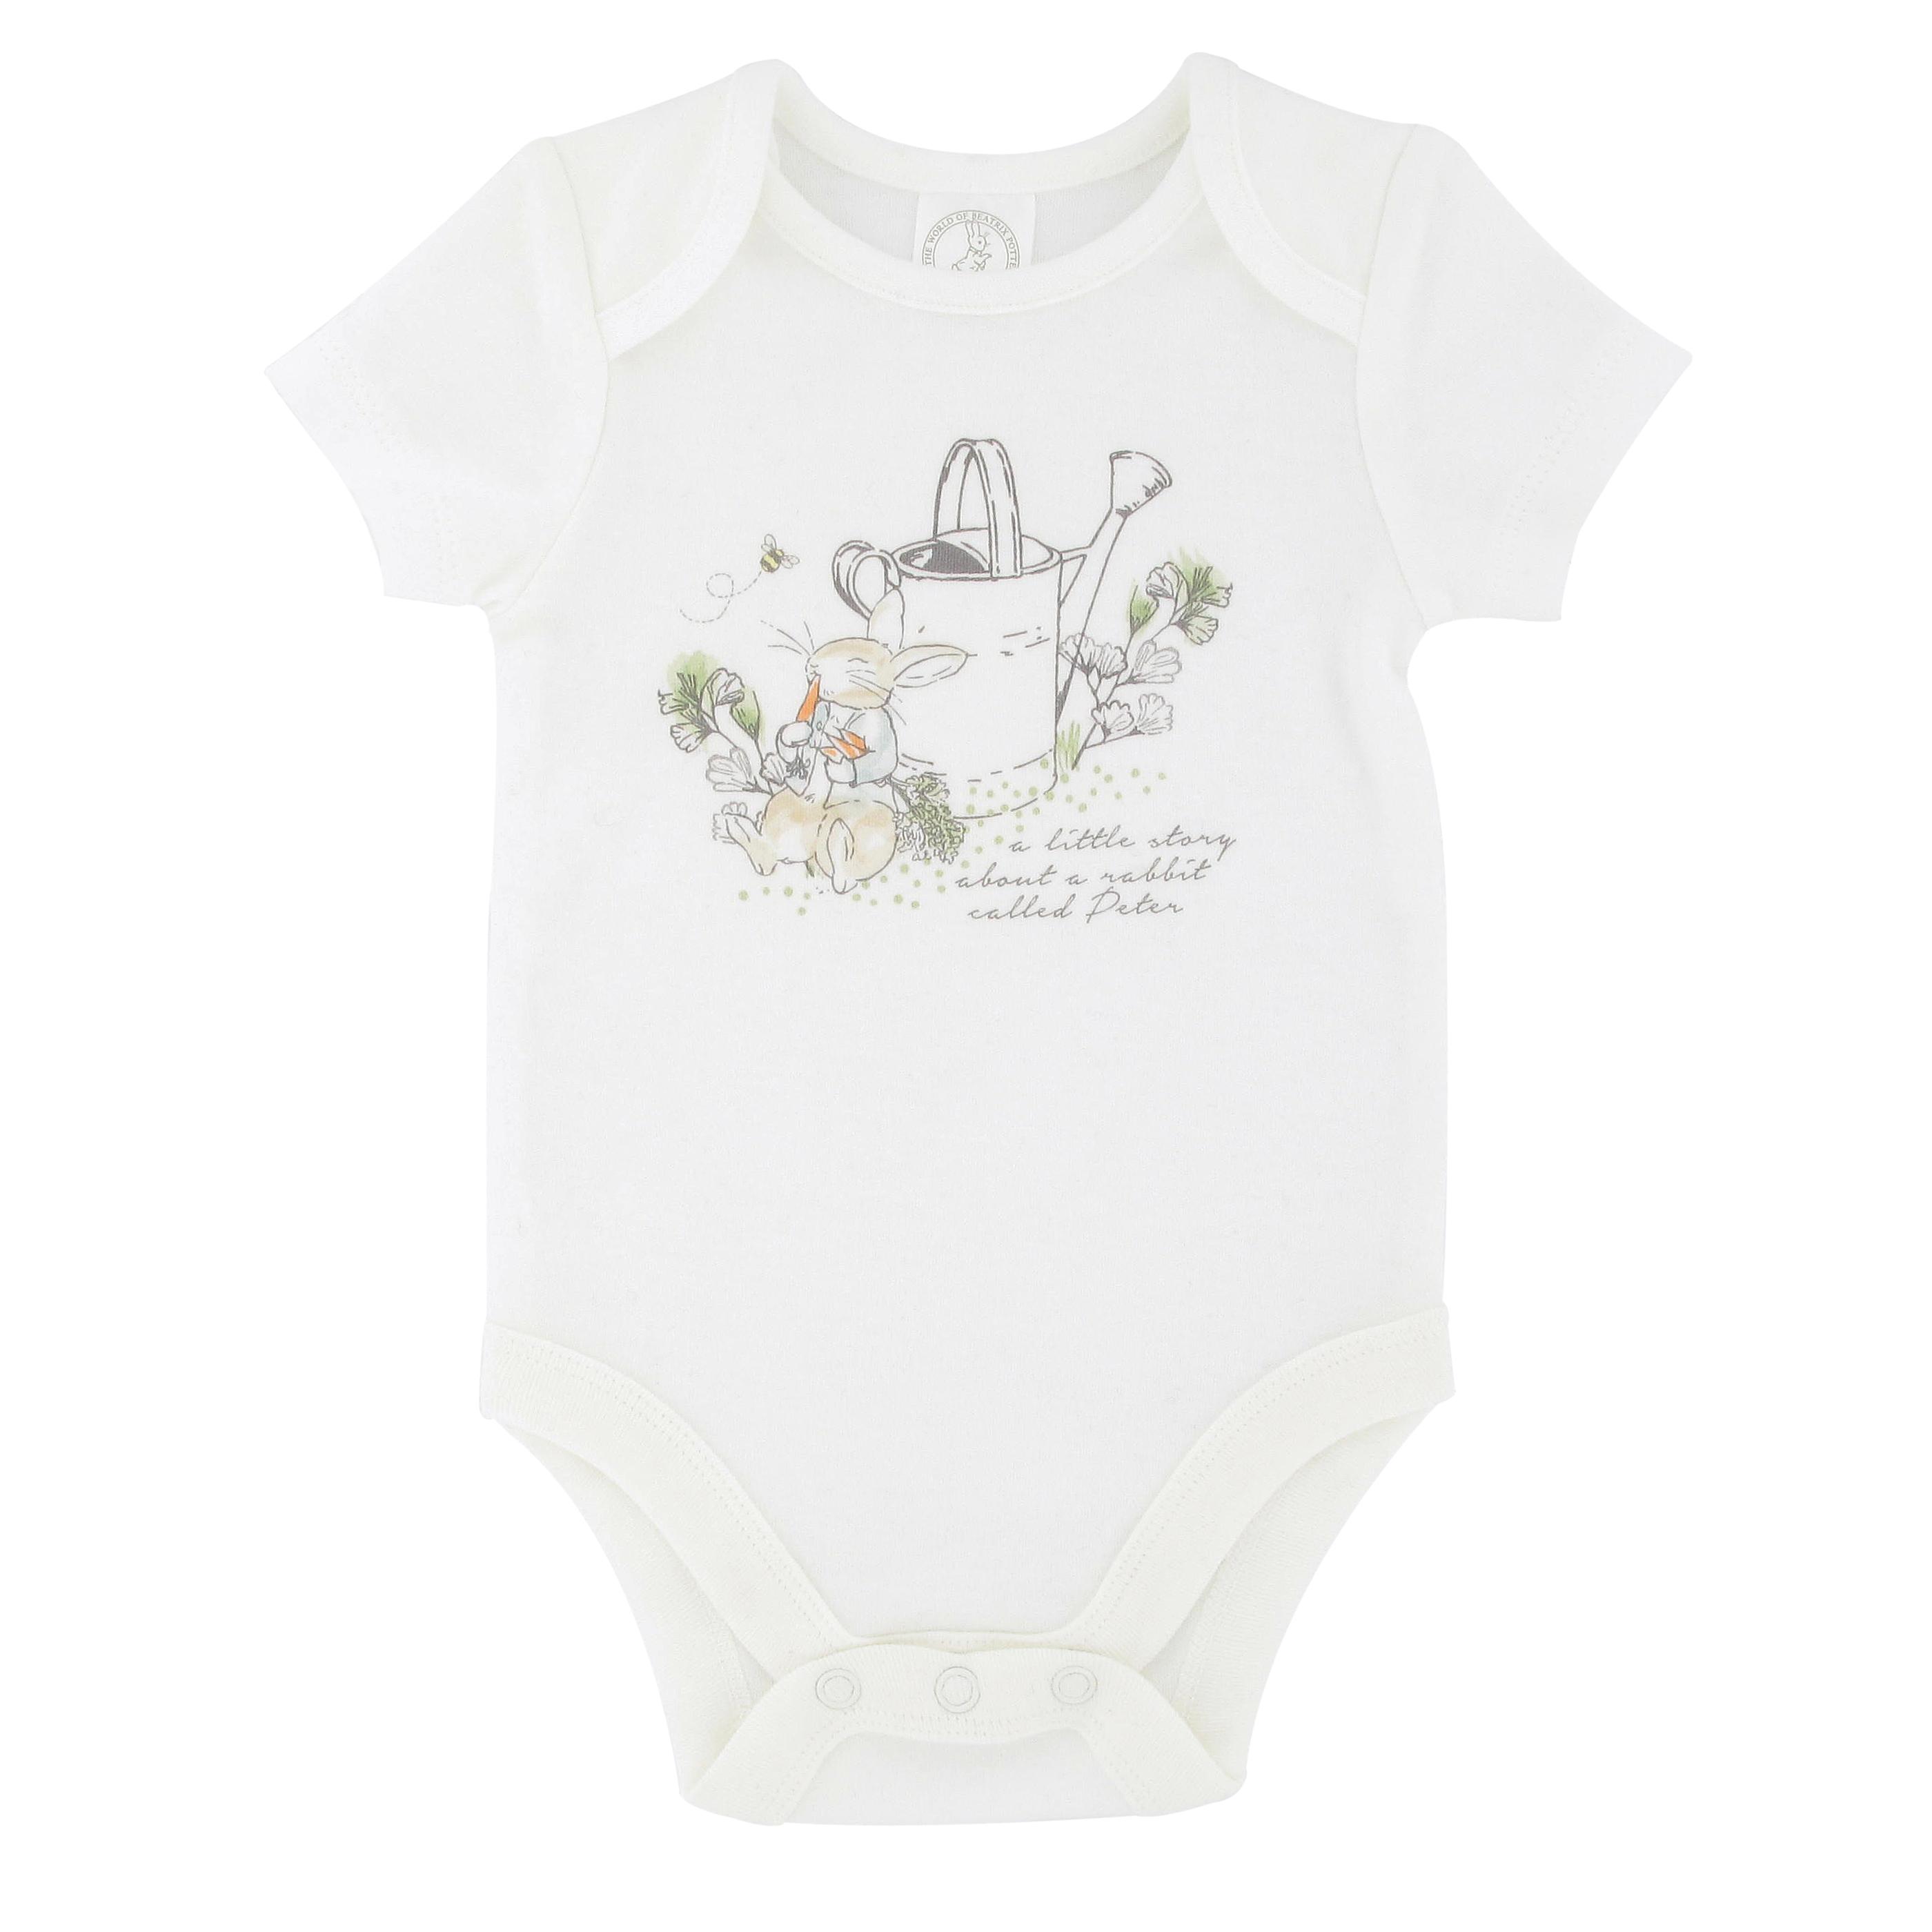 Peter Rabbit babygrow